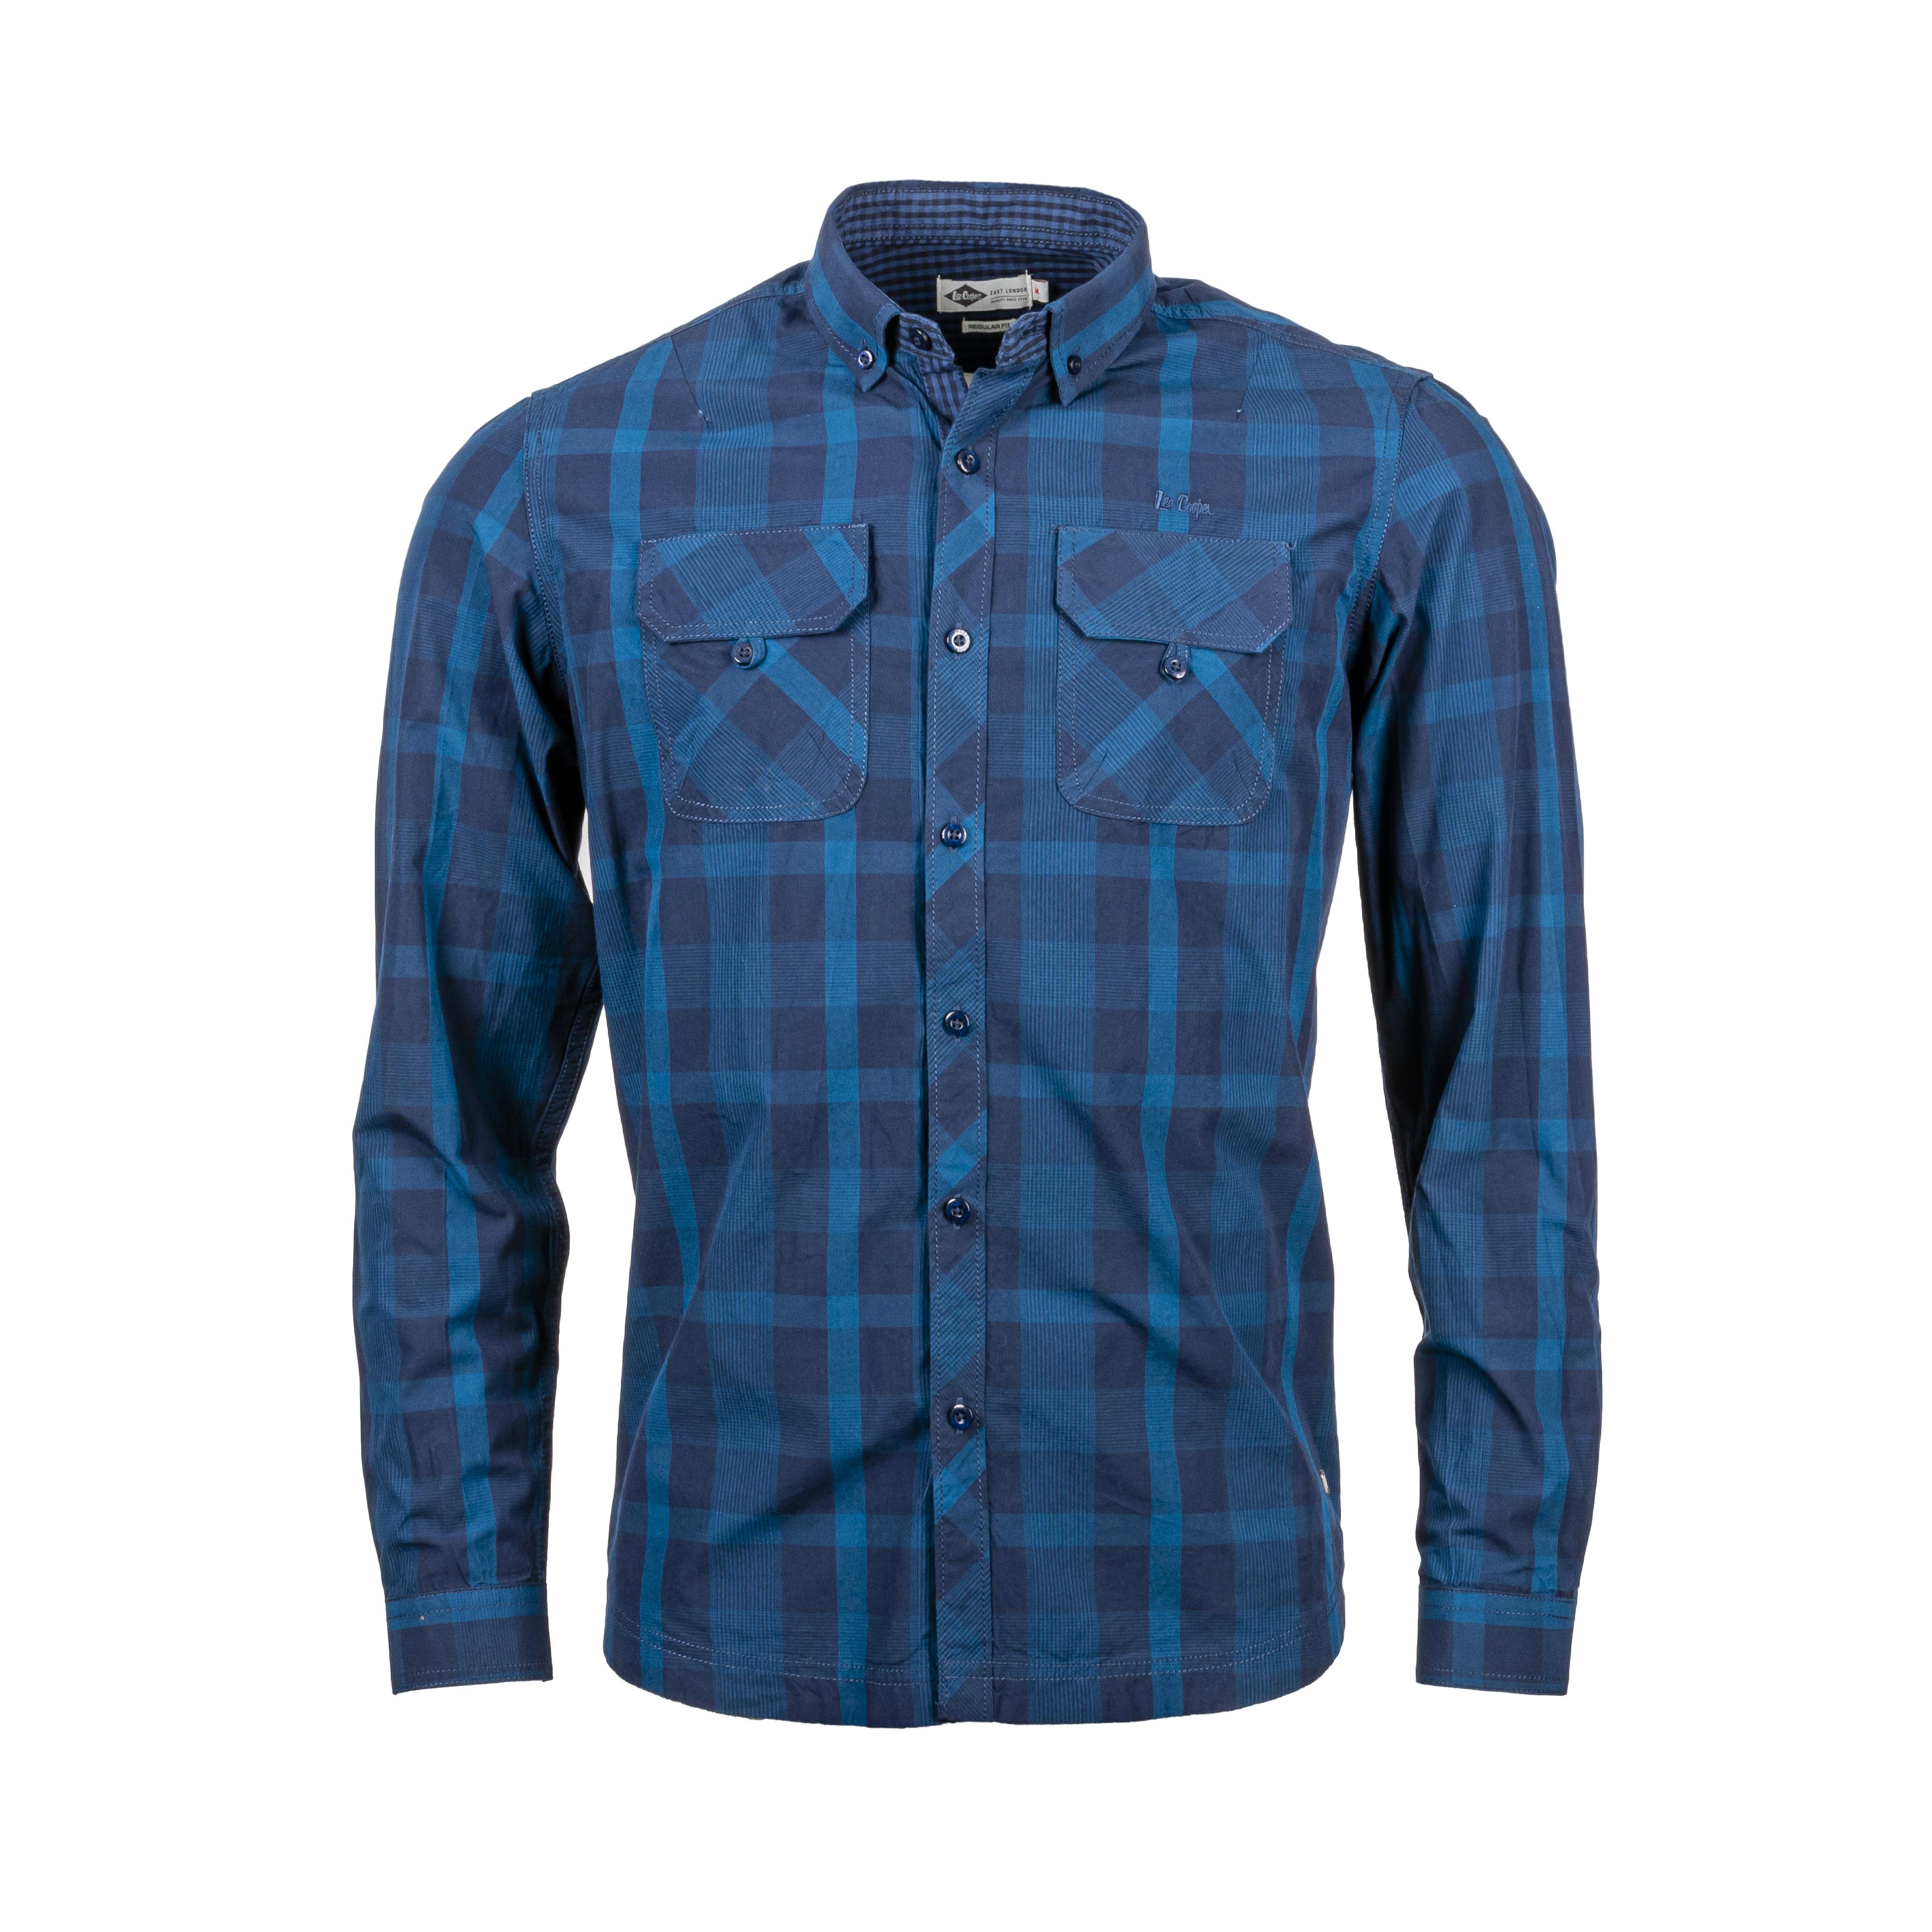 Chemise ajustée Lee Cooper Drums en coton à carreaux bleu marine et bleu pétrole